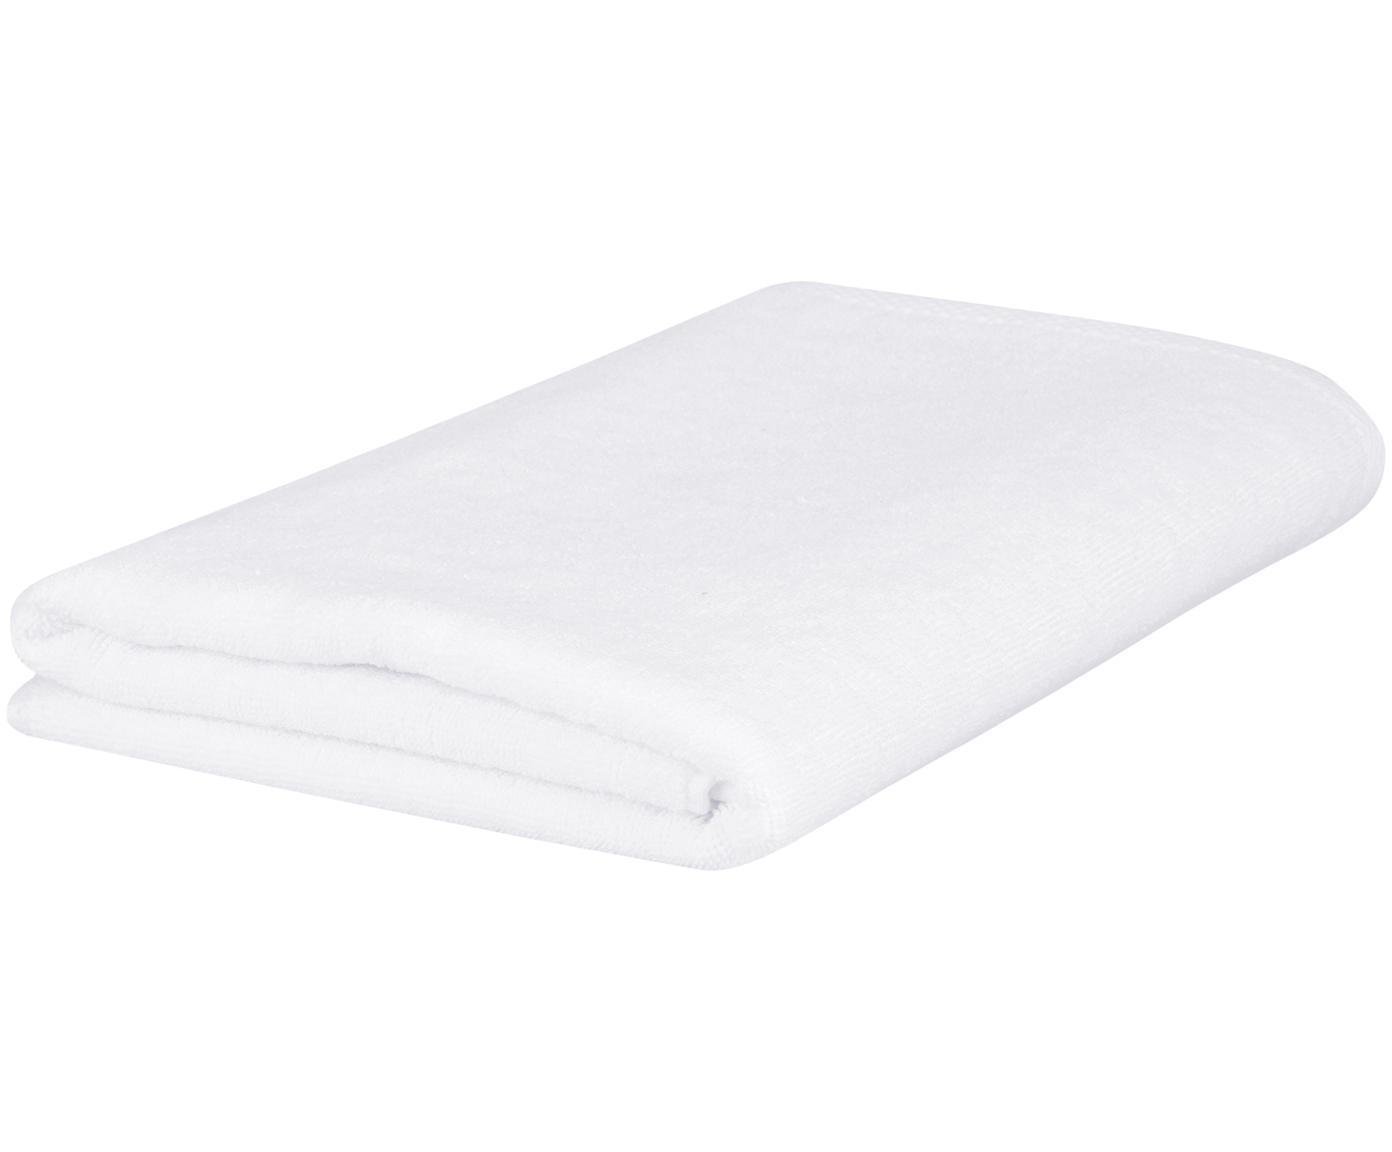 Asciugamano in tinta unita Comfort, Bianco, Asciugamano